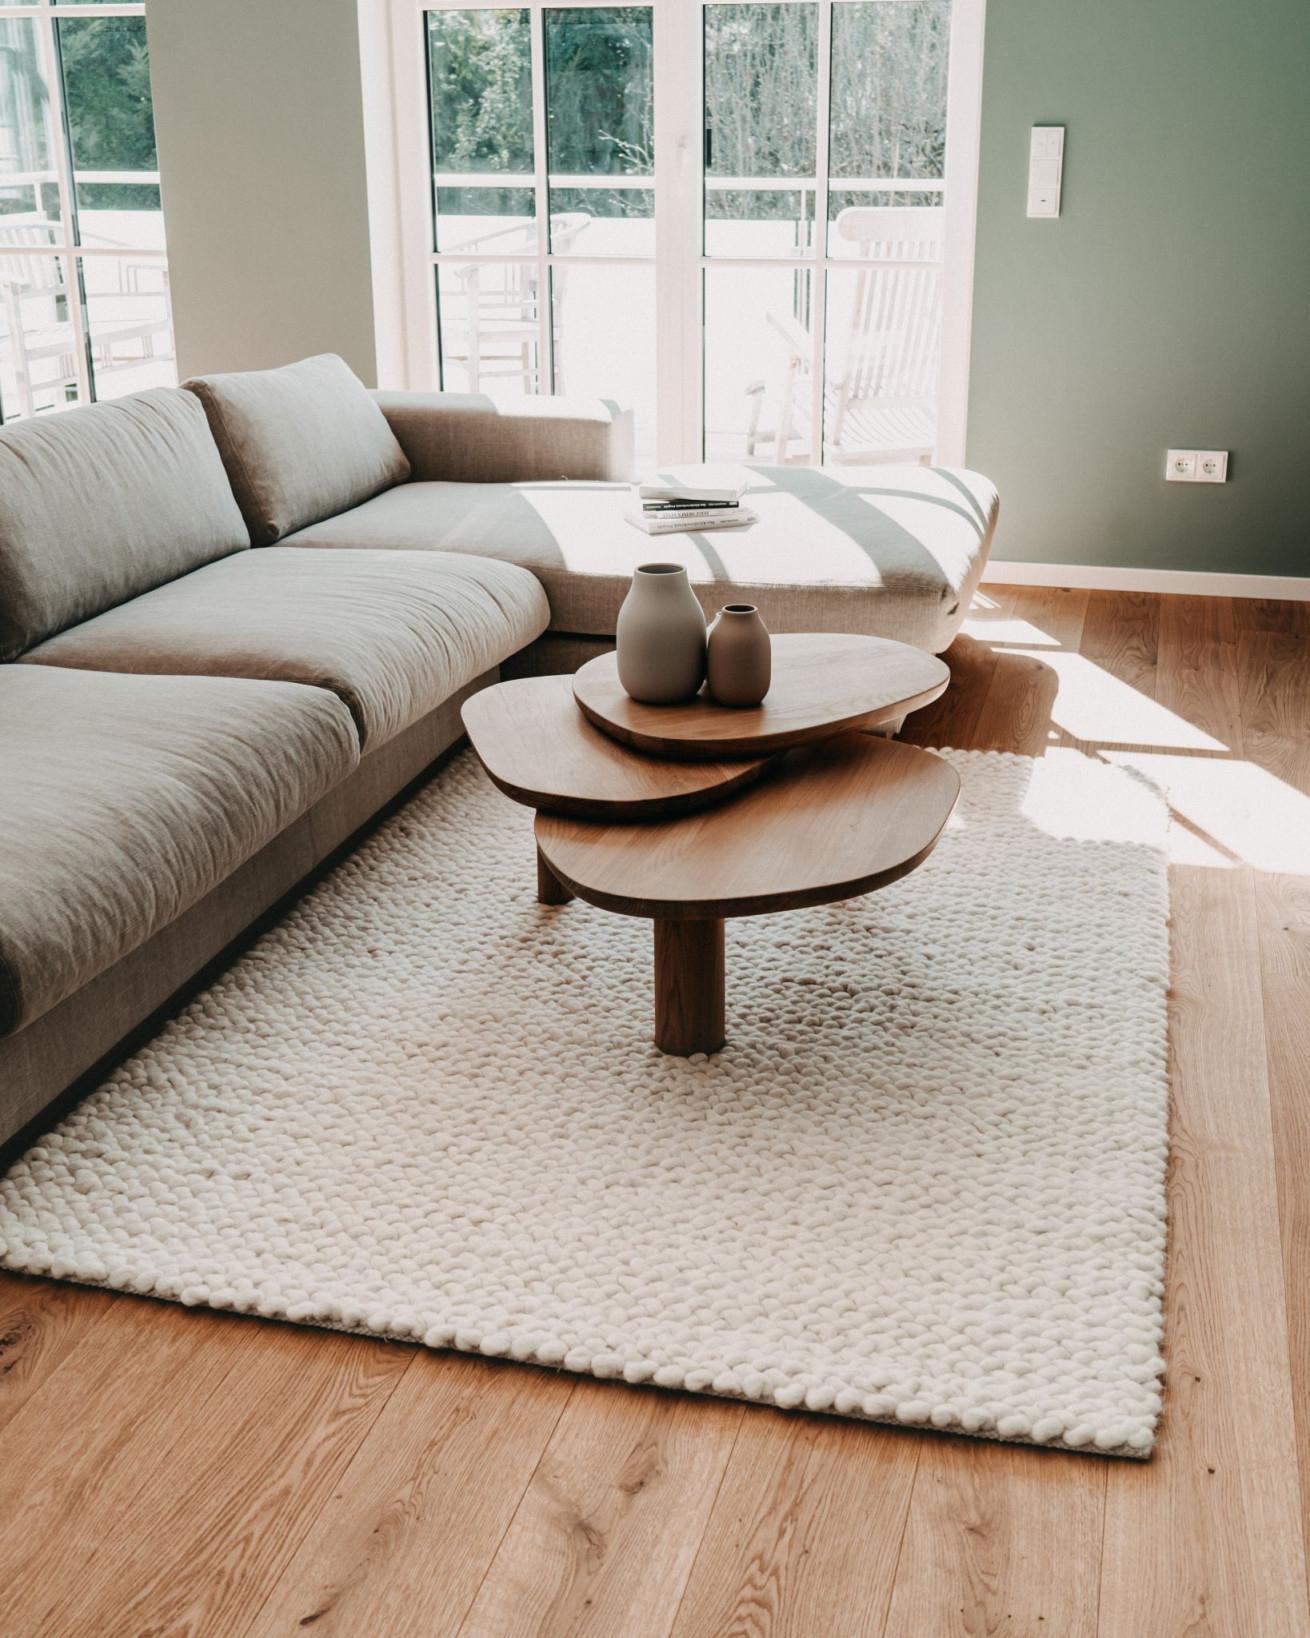 Dreamteam Großes Ecksofa Und Kleiner Teppich In 2020 von Kleiner Teppich Wohnzimmer Bild